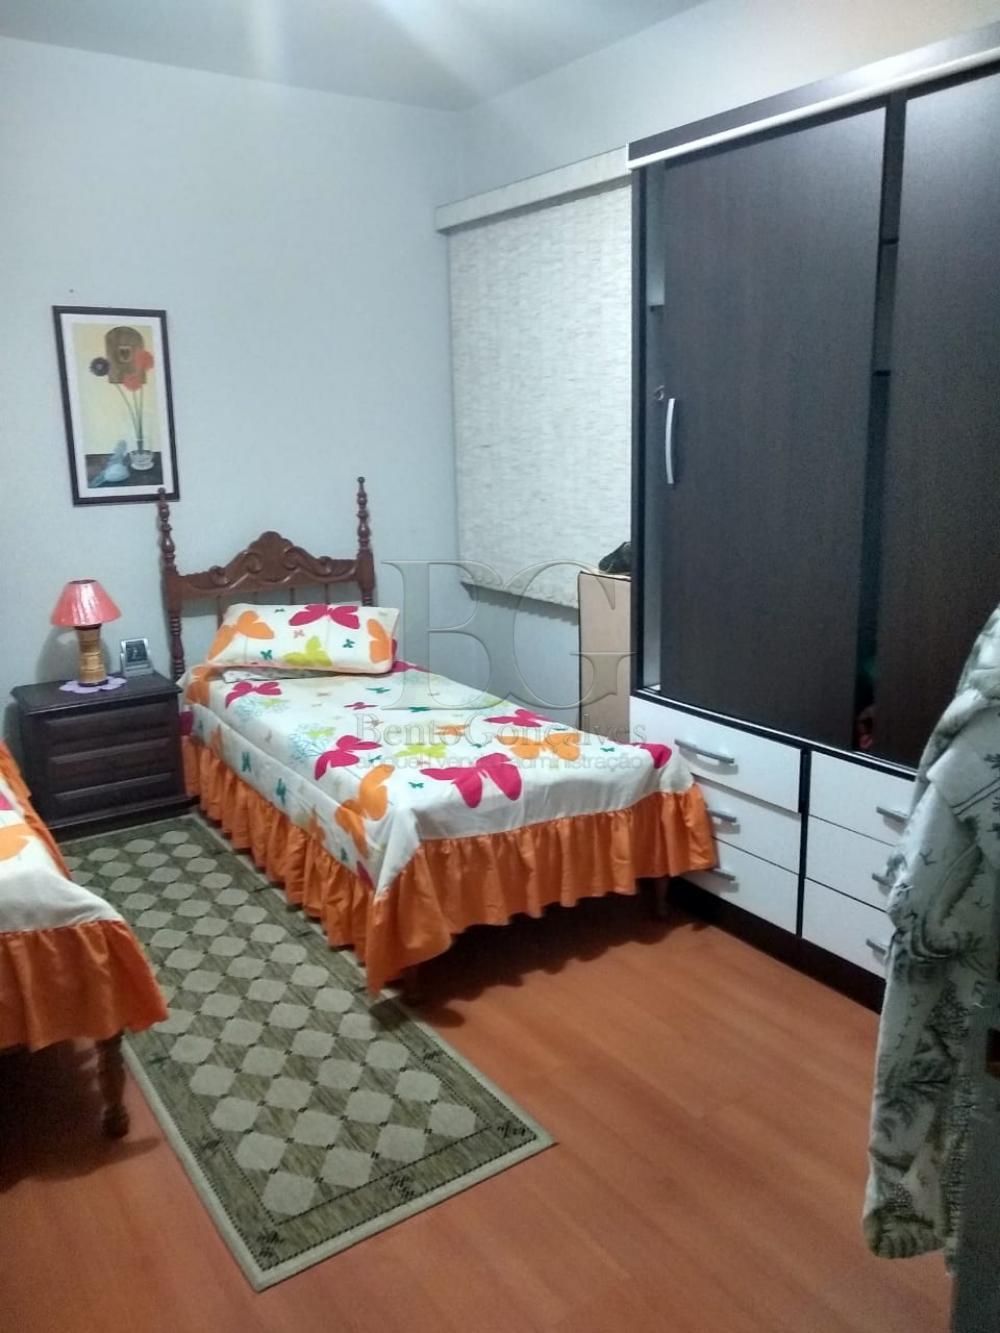 Comprar Apartamentos / Predio comercial e Residencial em Poços de Caldas apenas R$ 400.000,00 - Foto 11